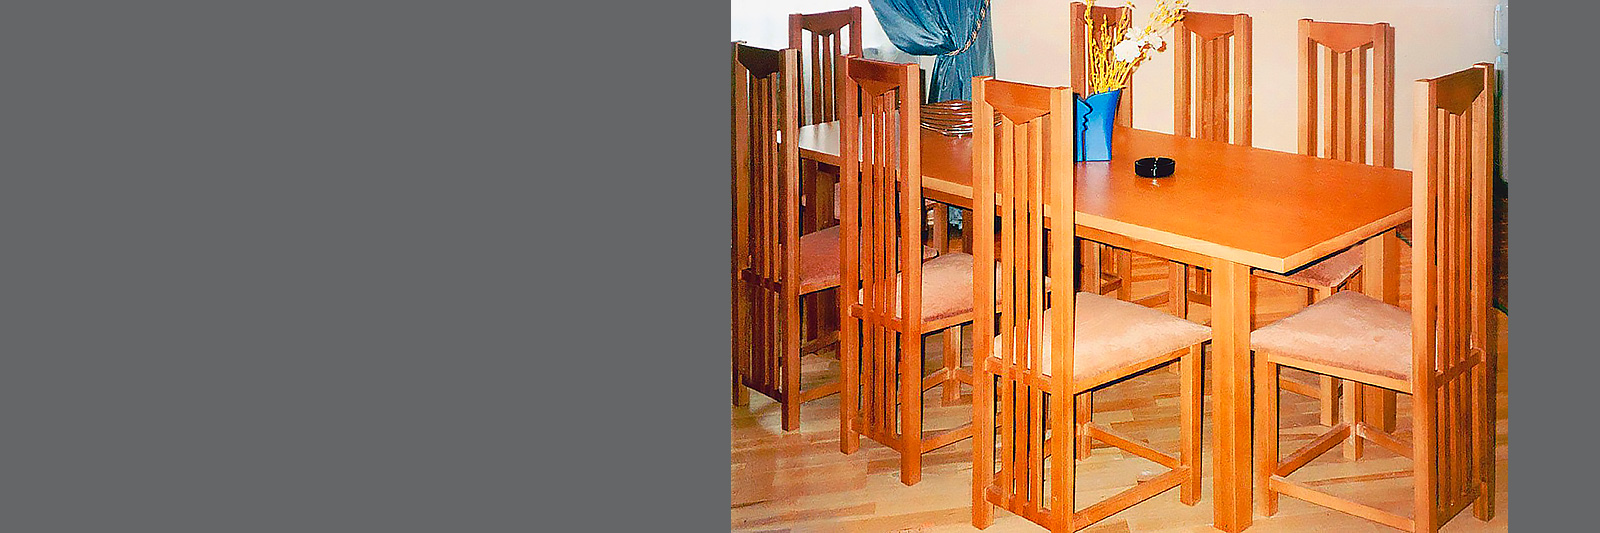 Стол и стулья для кафе по индивидуальному заказу из массива